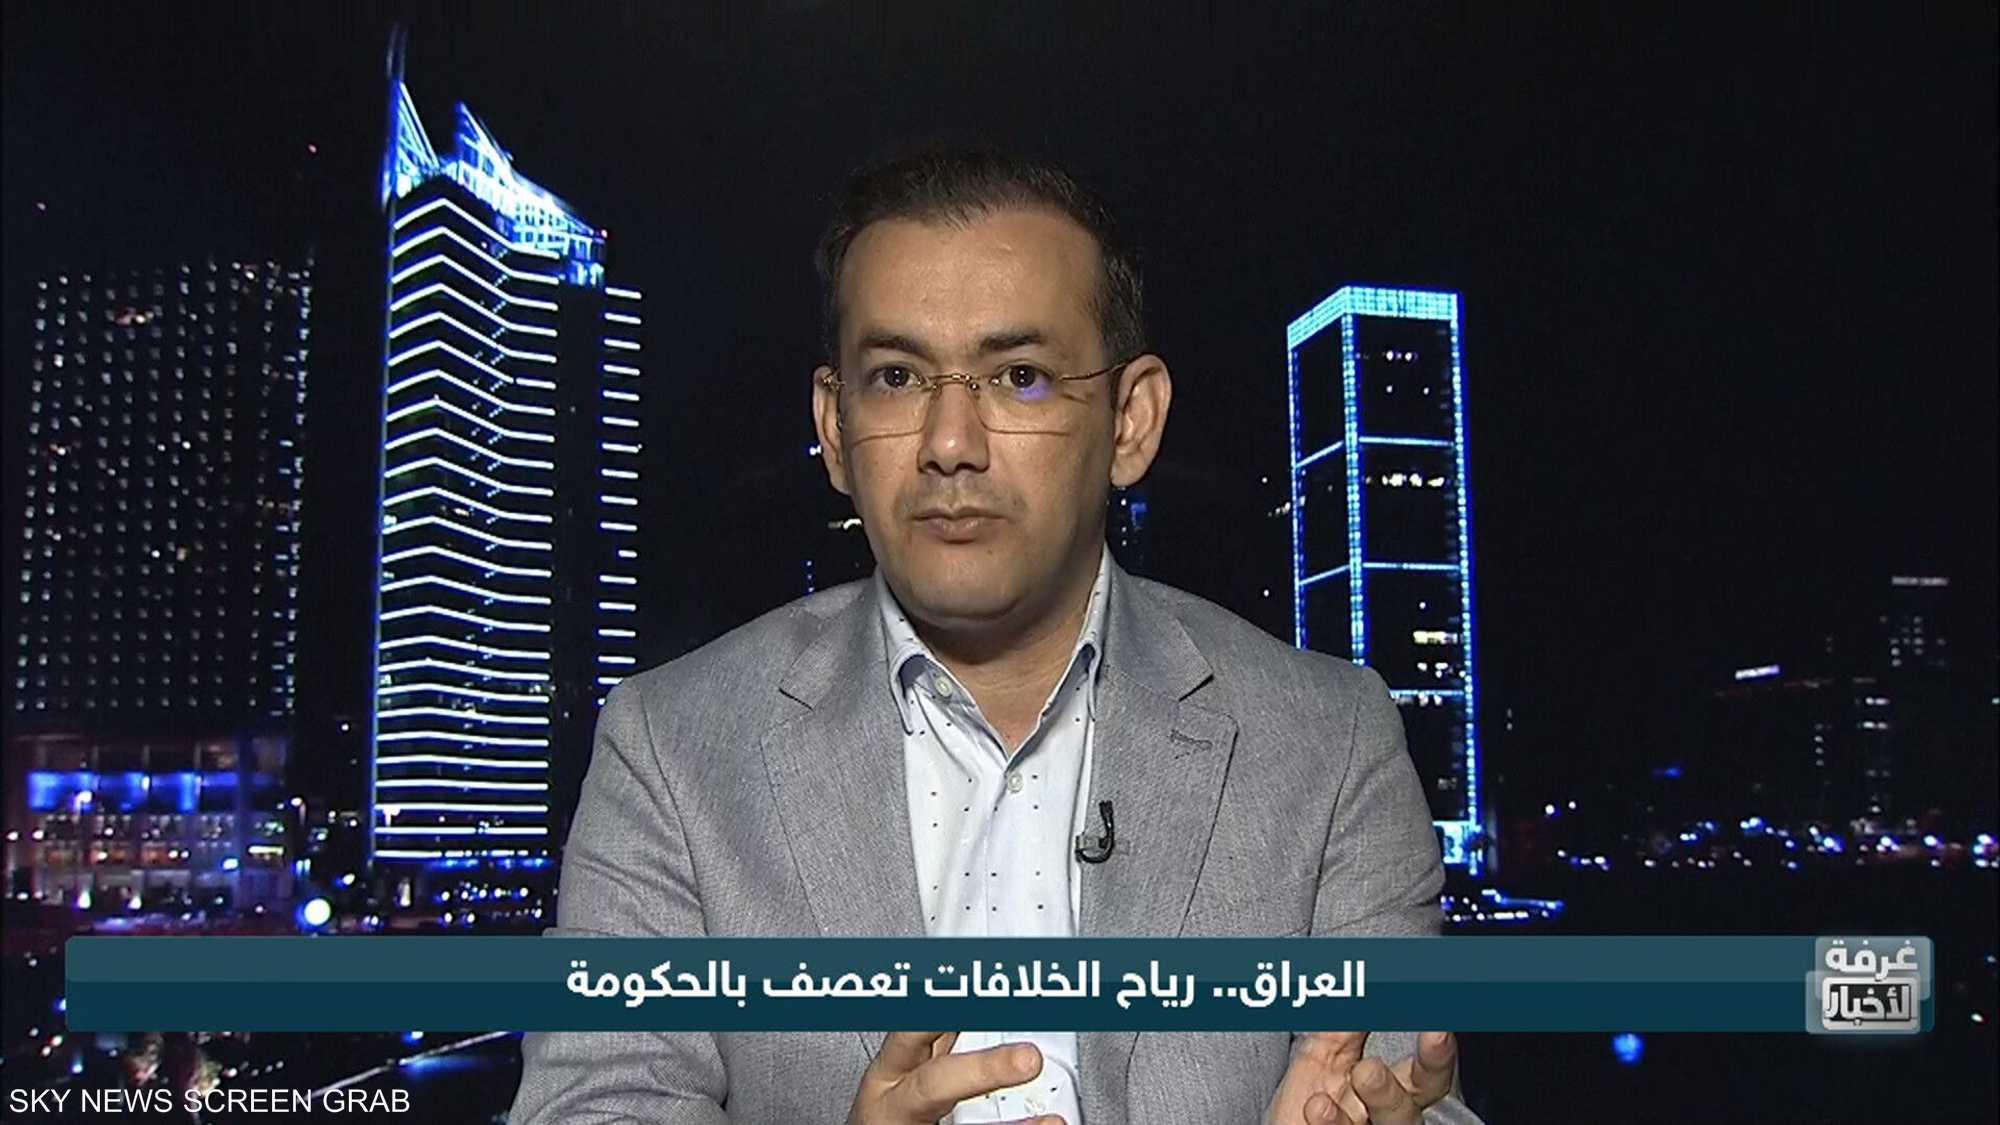 العراق.. رياح الخلافات تهدد الحكومة